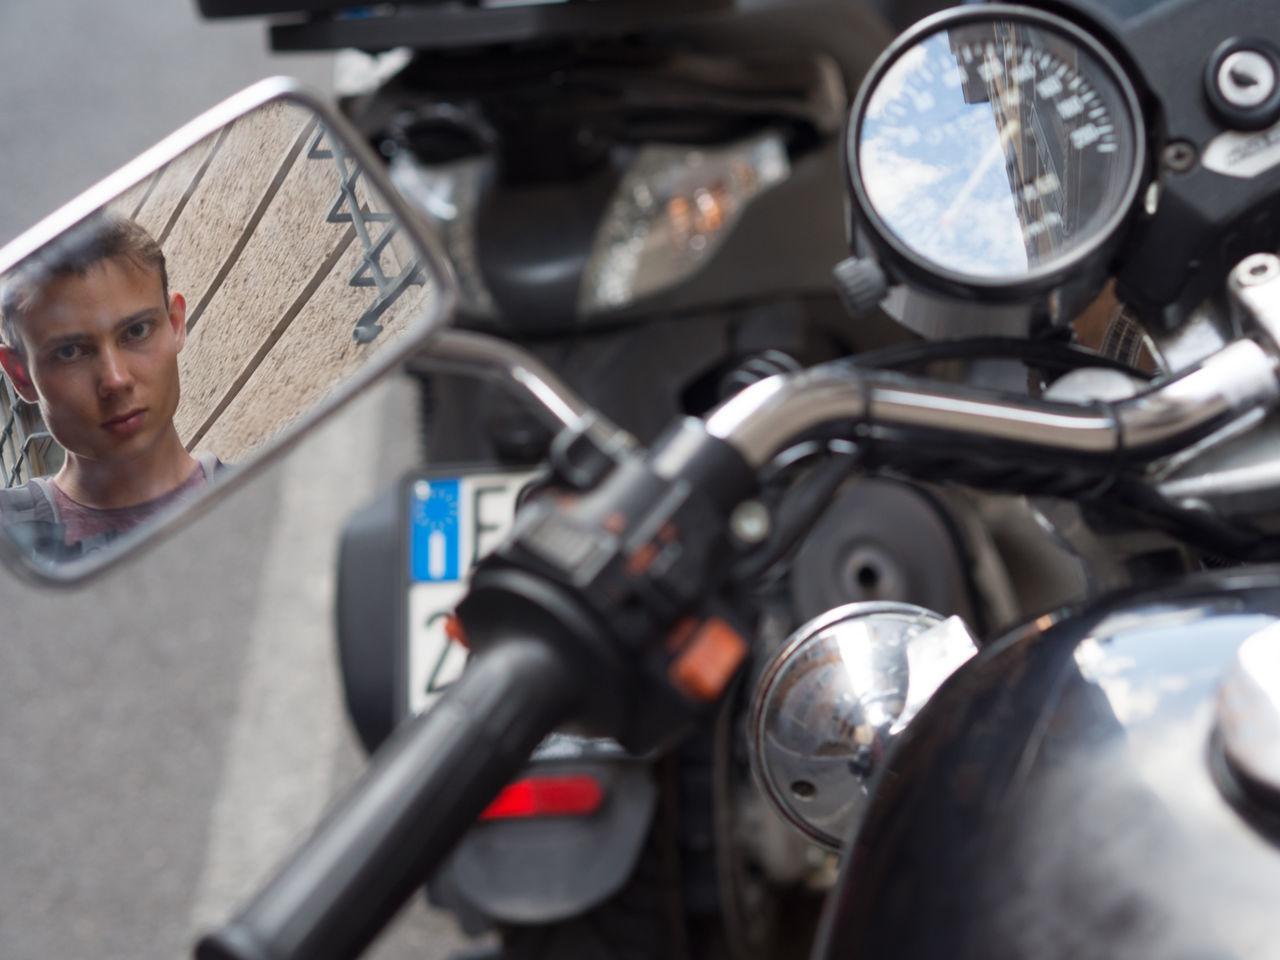 motorcyclist without helmet Biker Danger Man Mirror Motorcycle Motorcyclist No Helmet No Motorcycle Helmet Personal Perspective Without Helmet Without Motorcycle Helmet